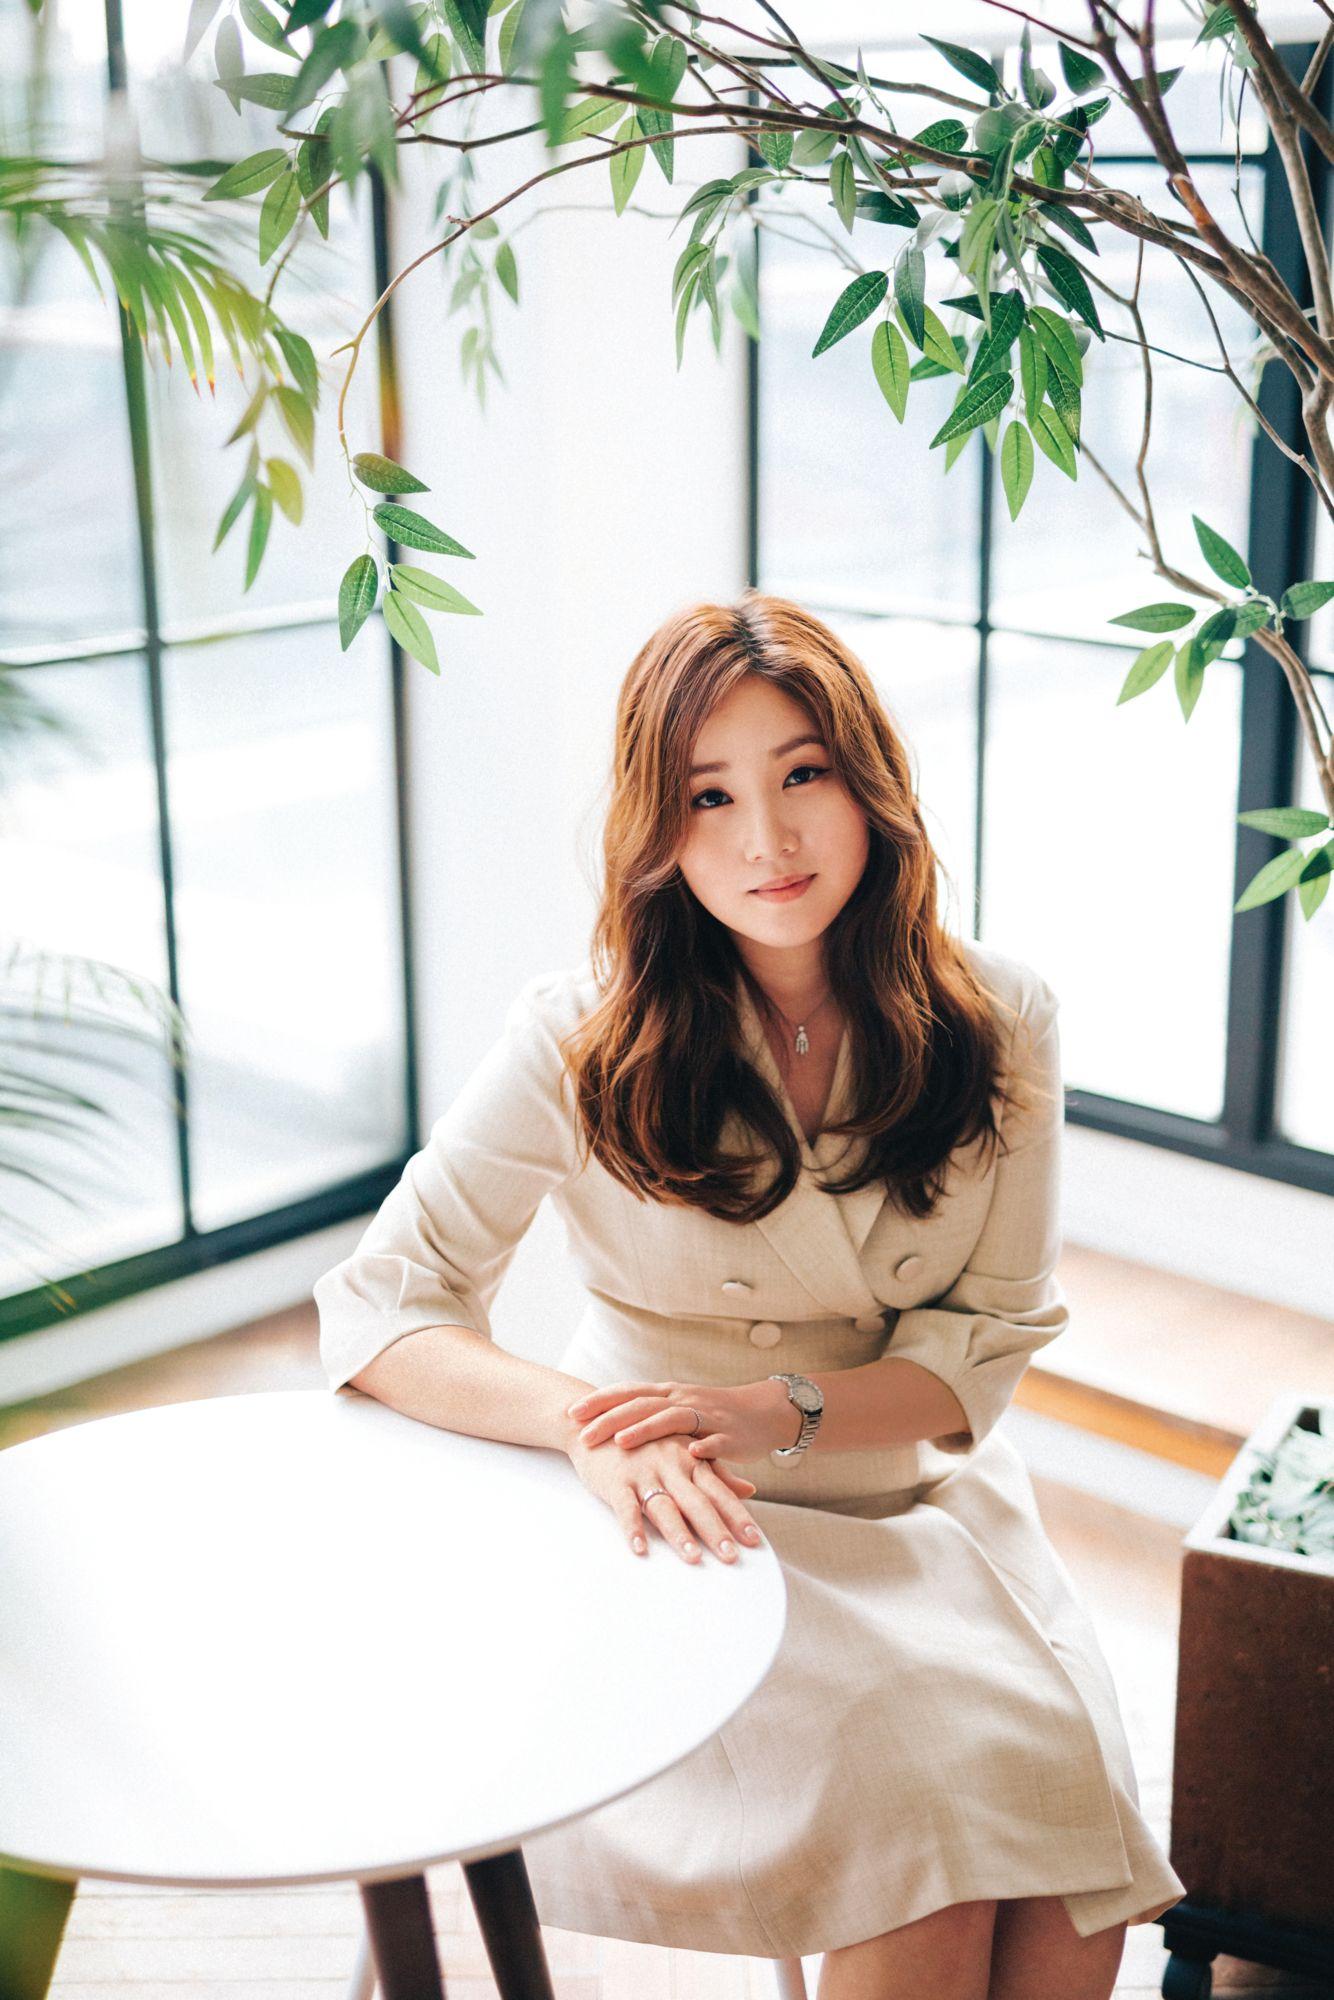 你滿意你的臉嗎?南韓小說家探討整形文化背後的悲傷女性議題:社會如何定義美?